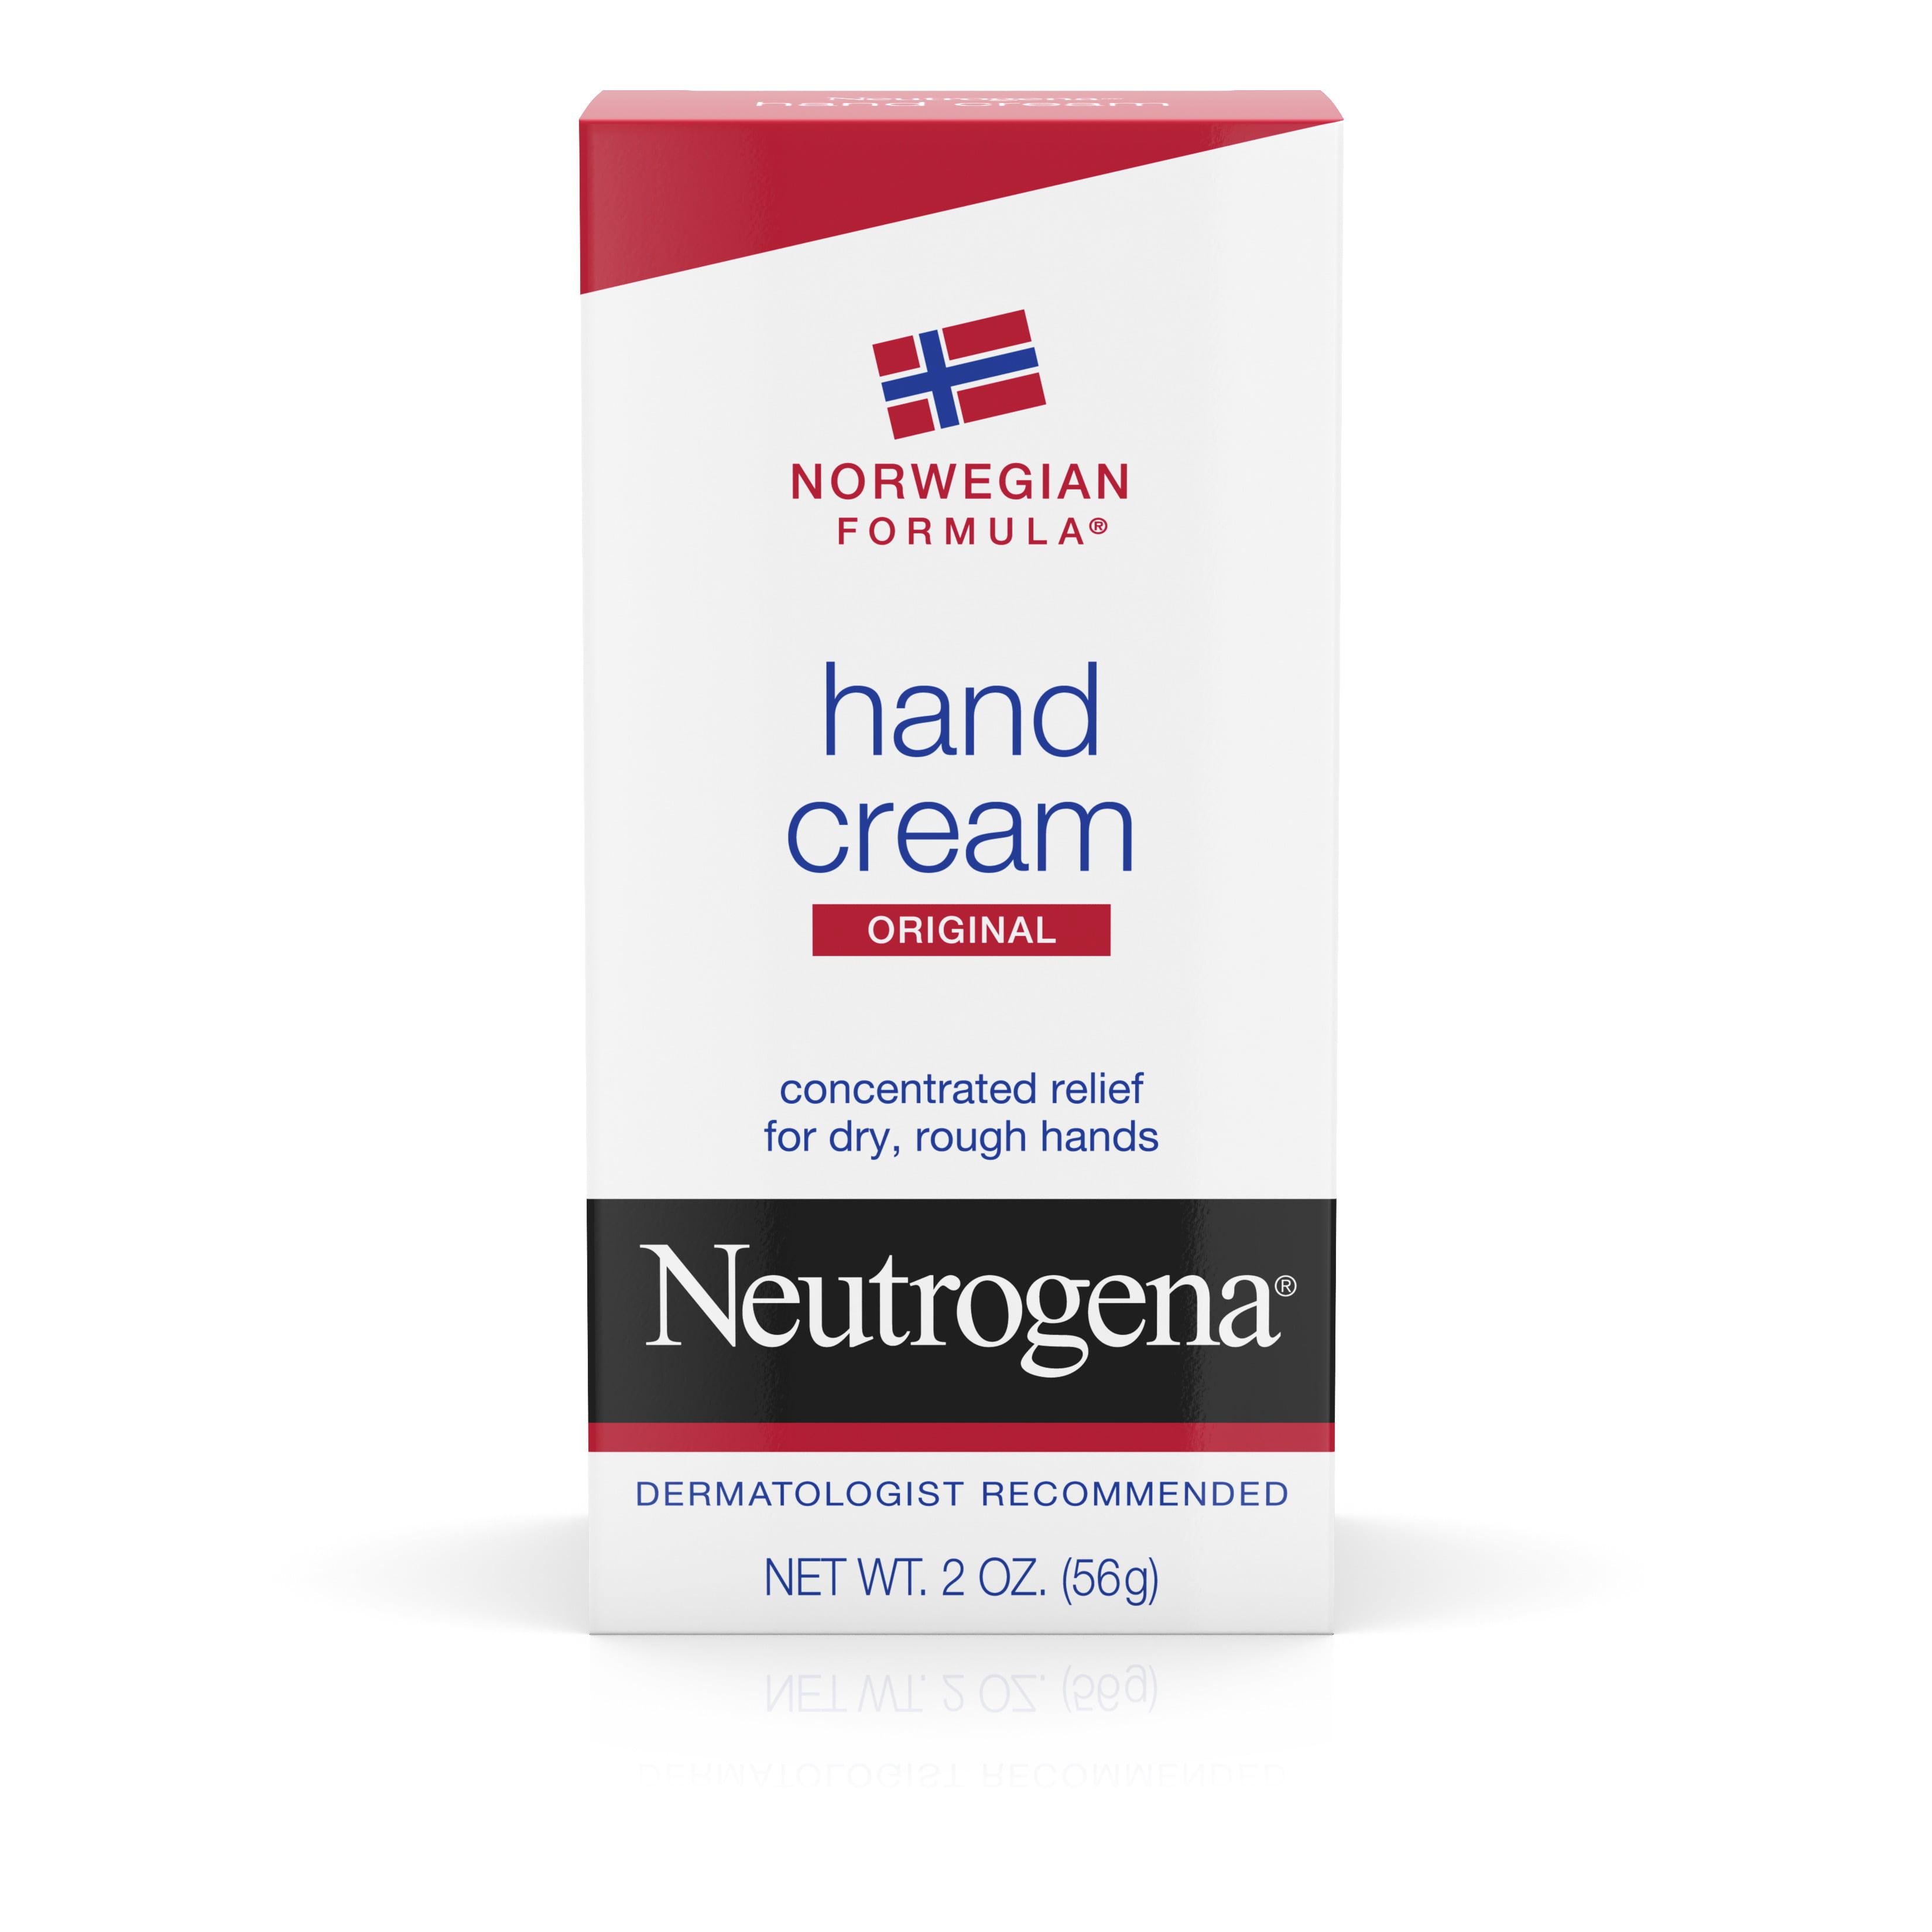 Neutrogena Norwegian Formula Hand Cream, 2 Oz - Walmart.com